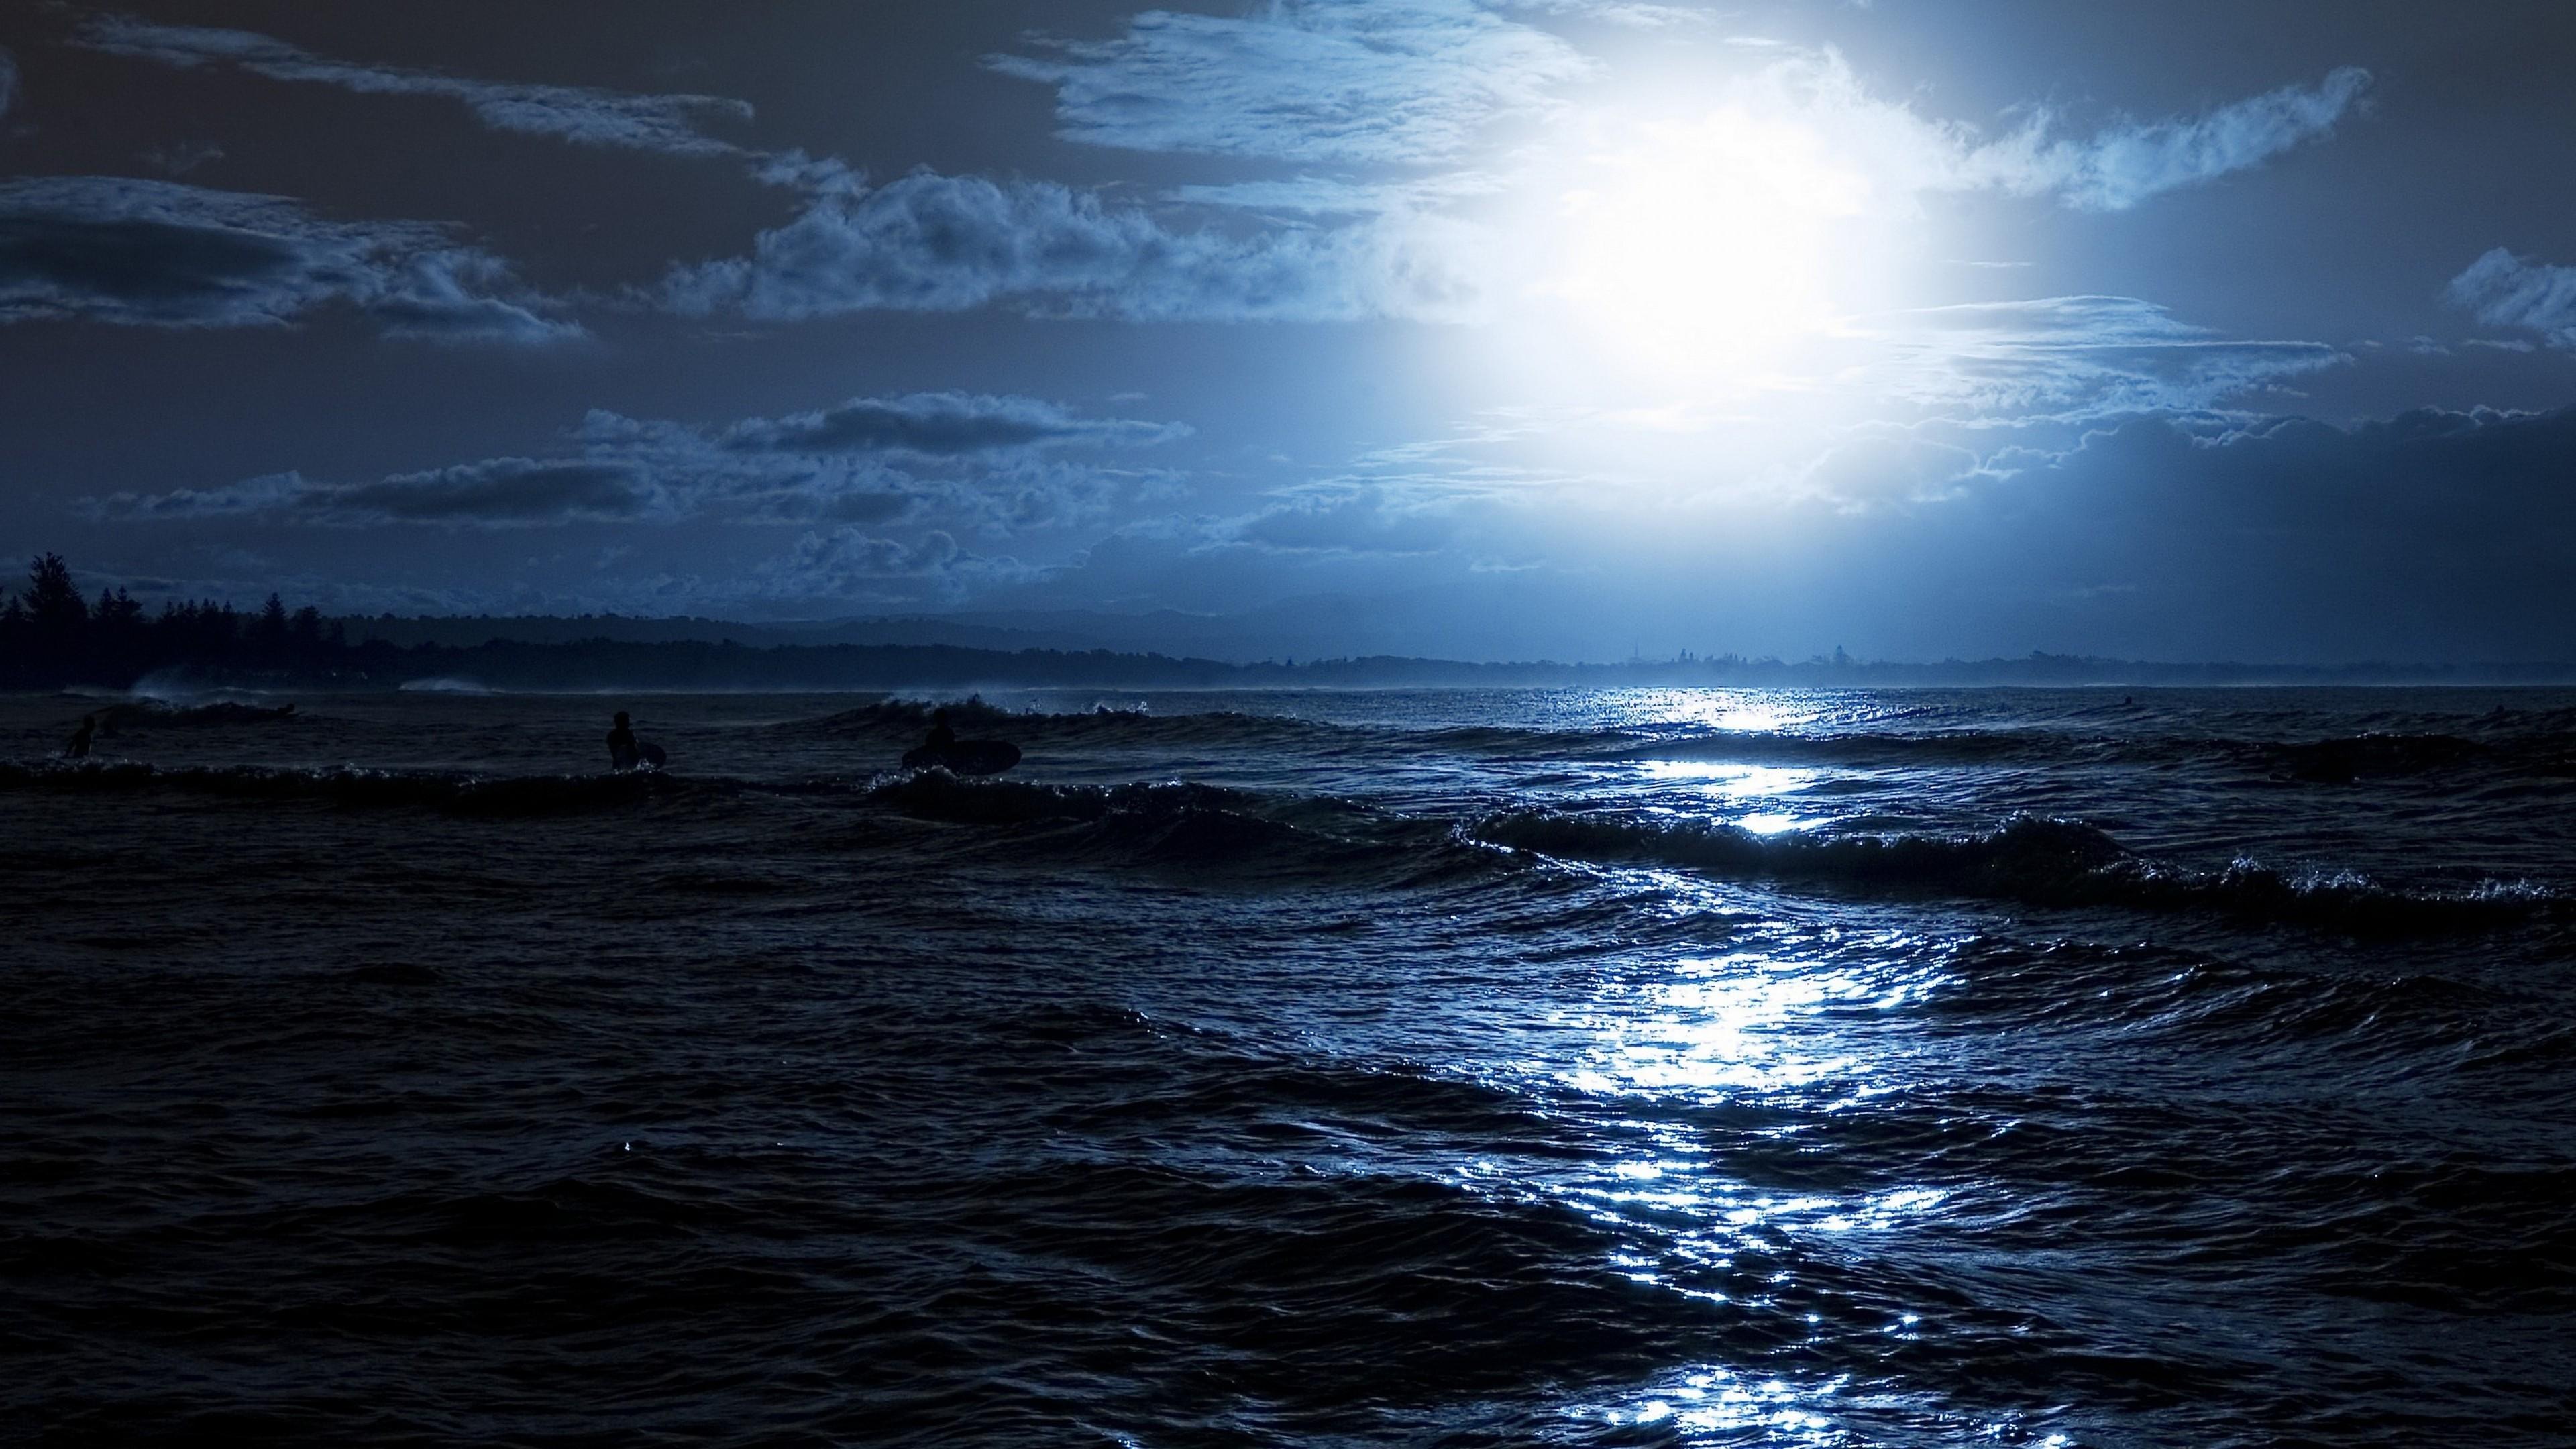 природа море горизонт небо луна без регистрации